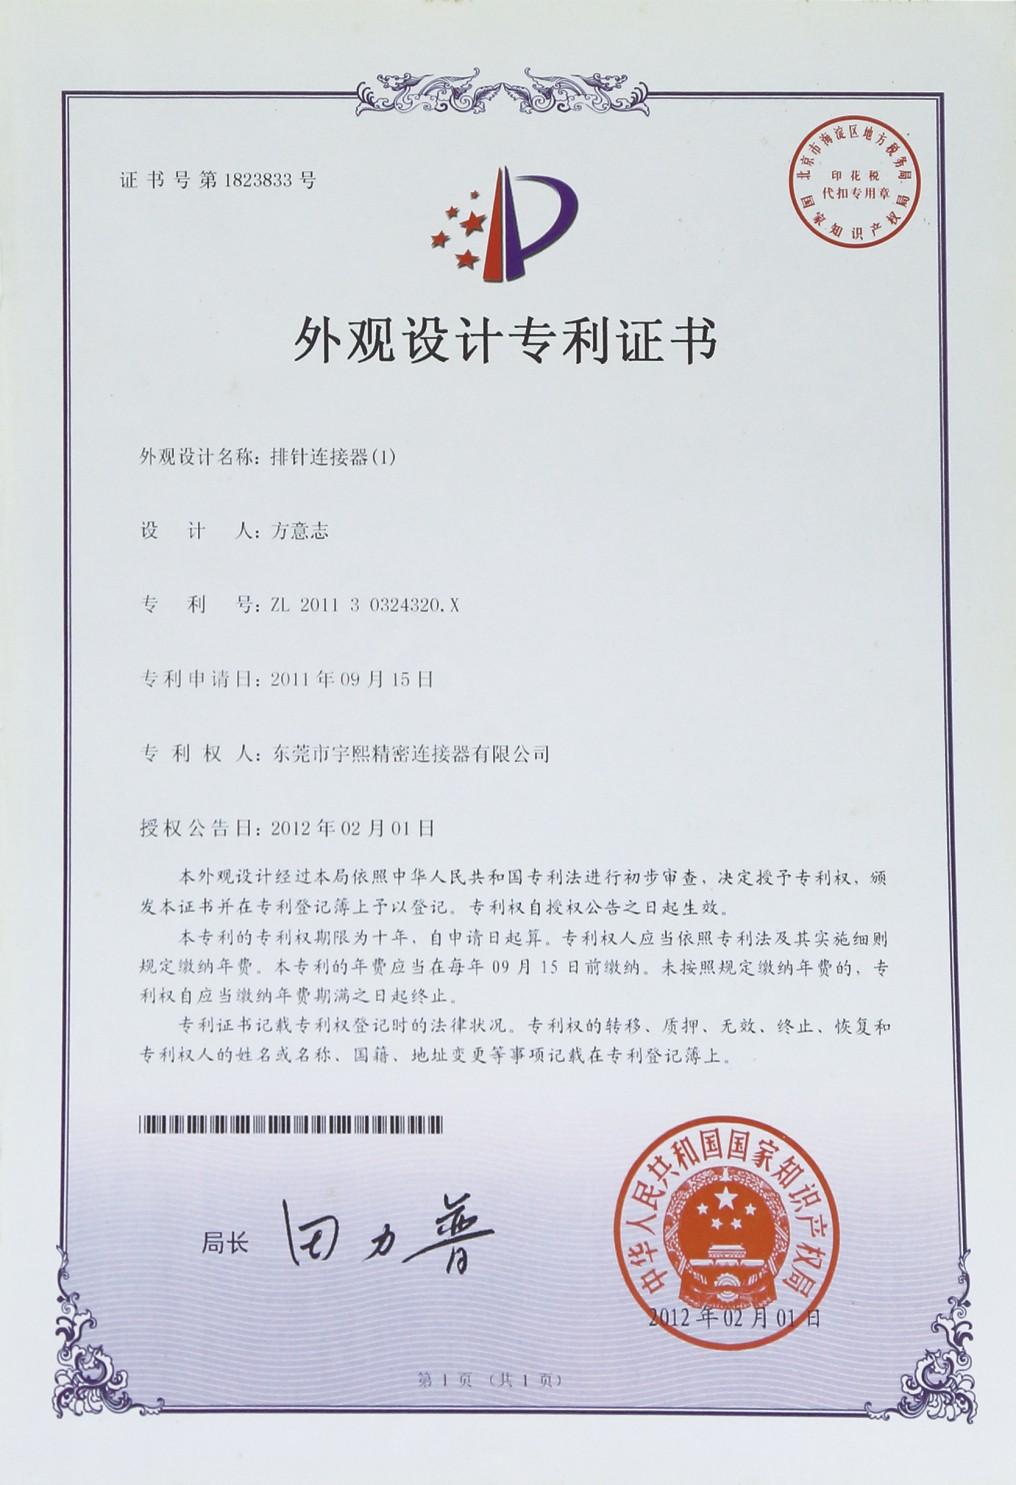 东莞市宇熙精密连接器有限公司